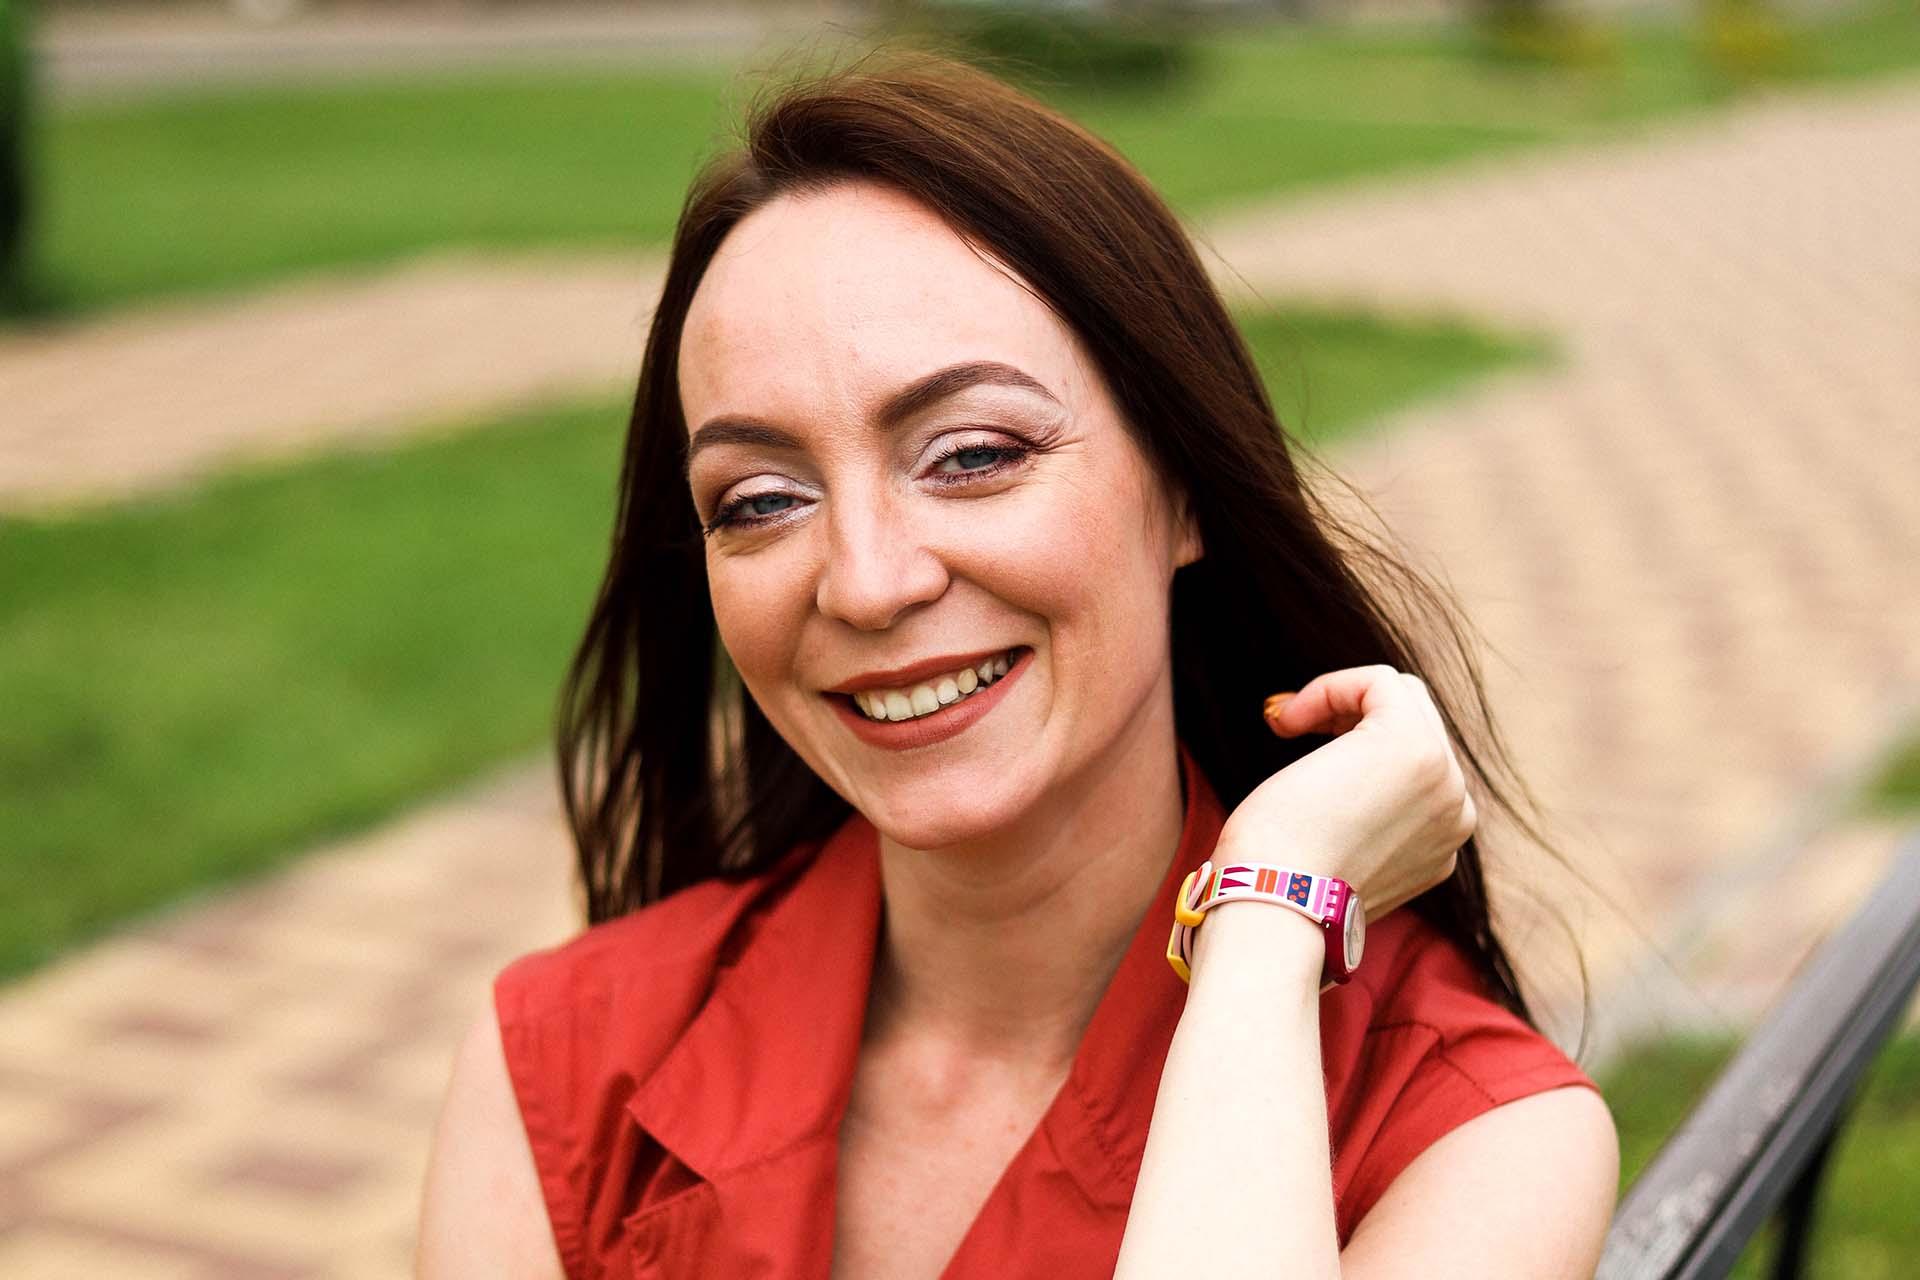 Екатерина Чернядьева, сертифицированный брендмейкер, специалист по формированию и развитию личного бренда